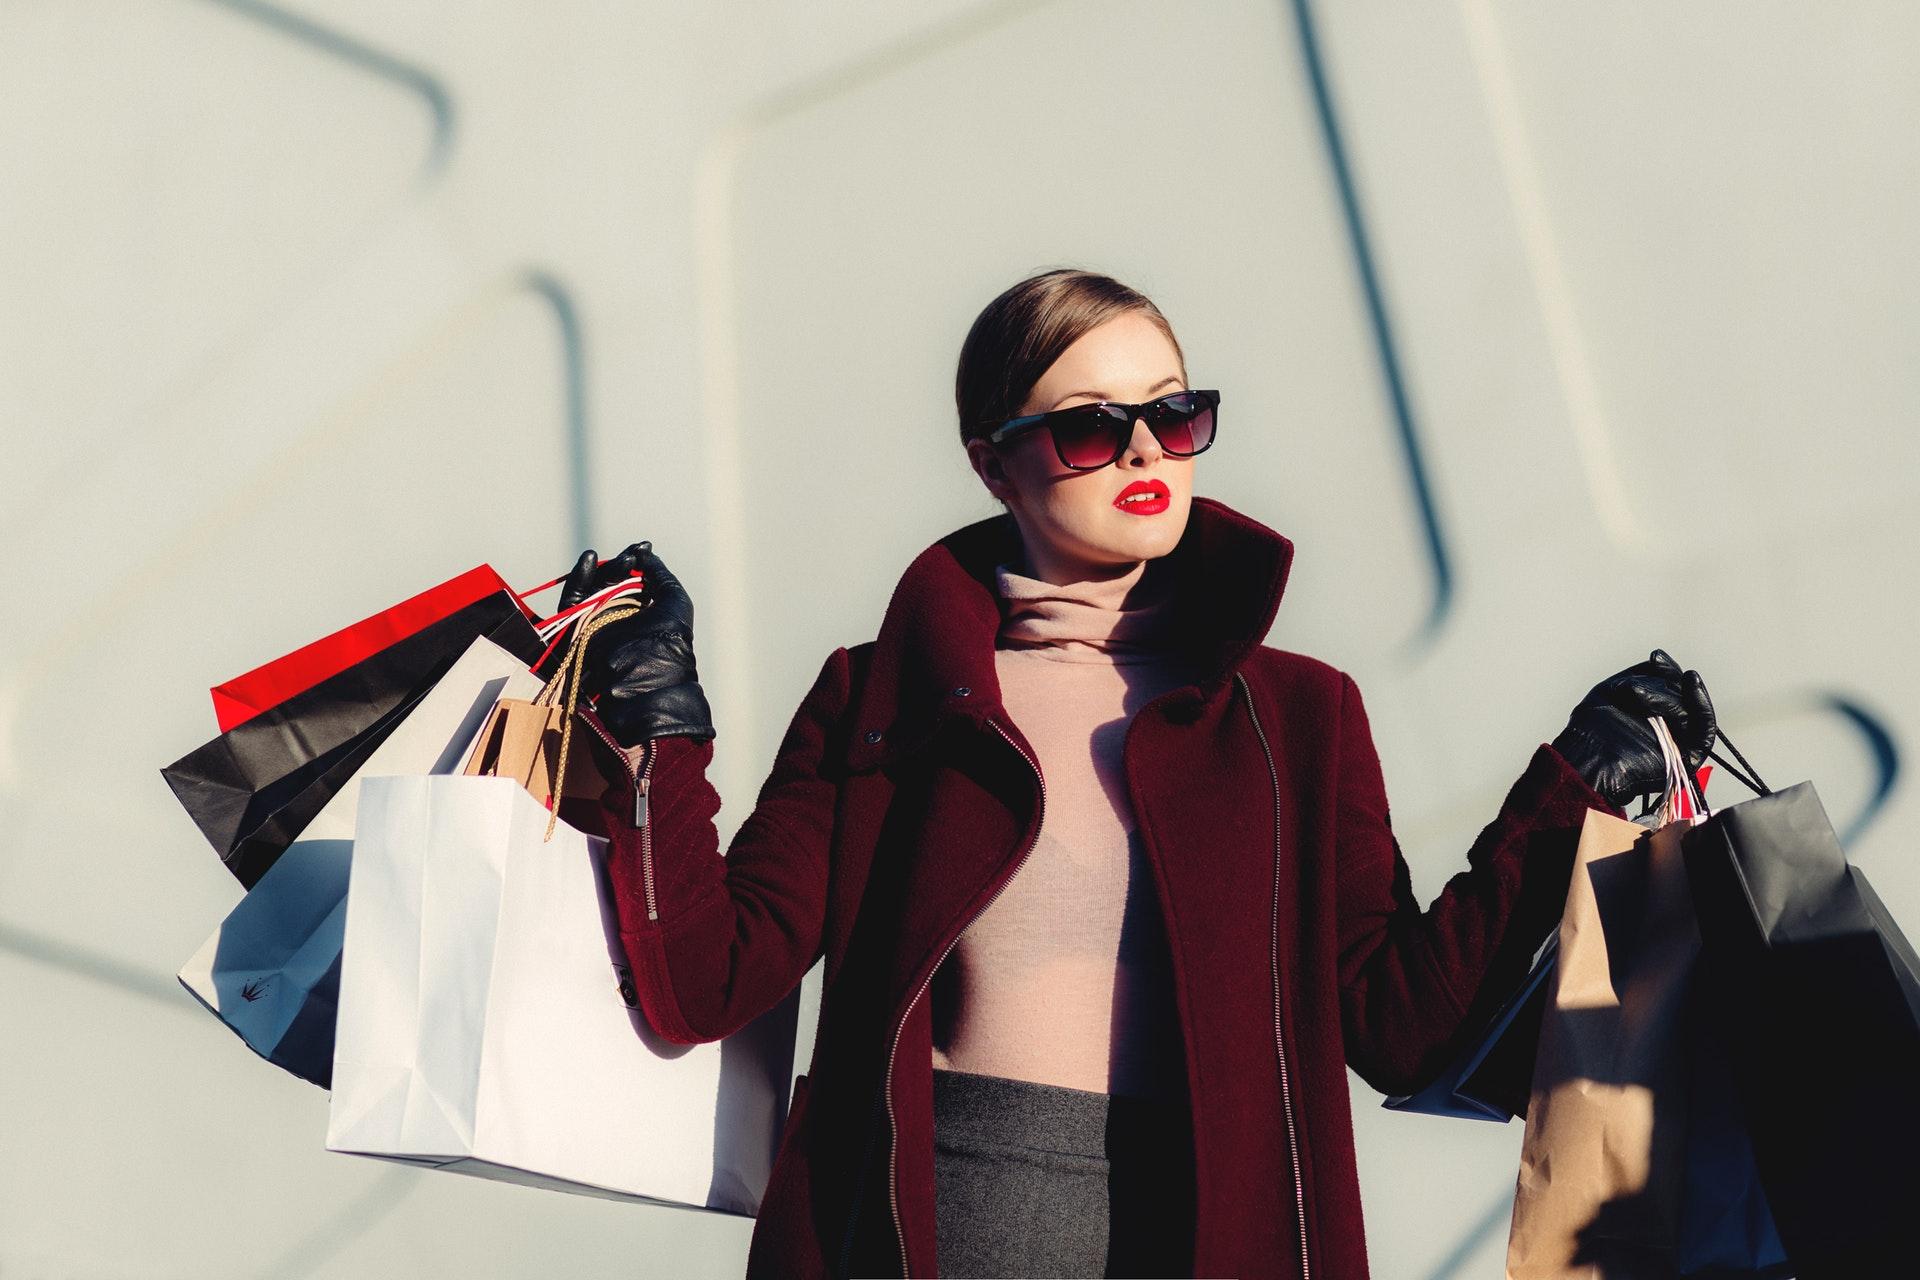 Mulher estilosa com sacolas de lojas